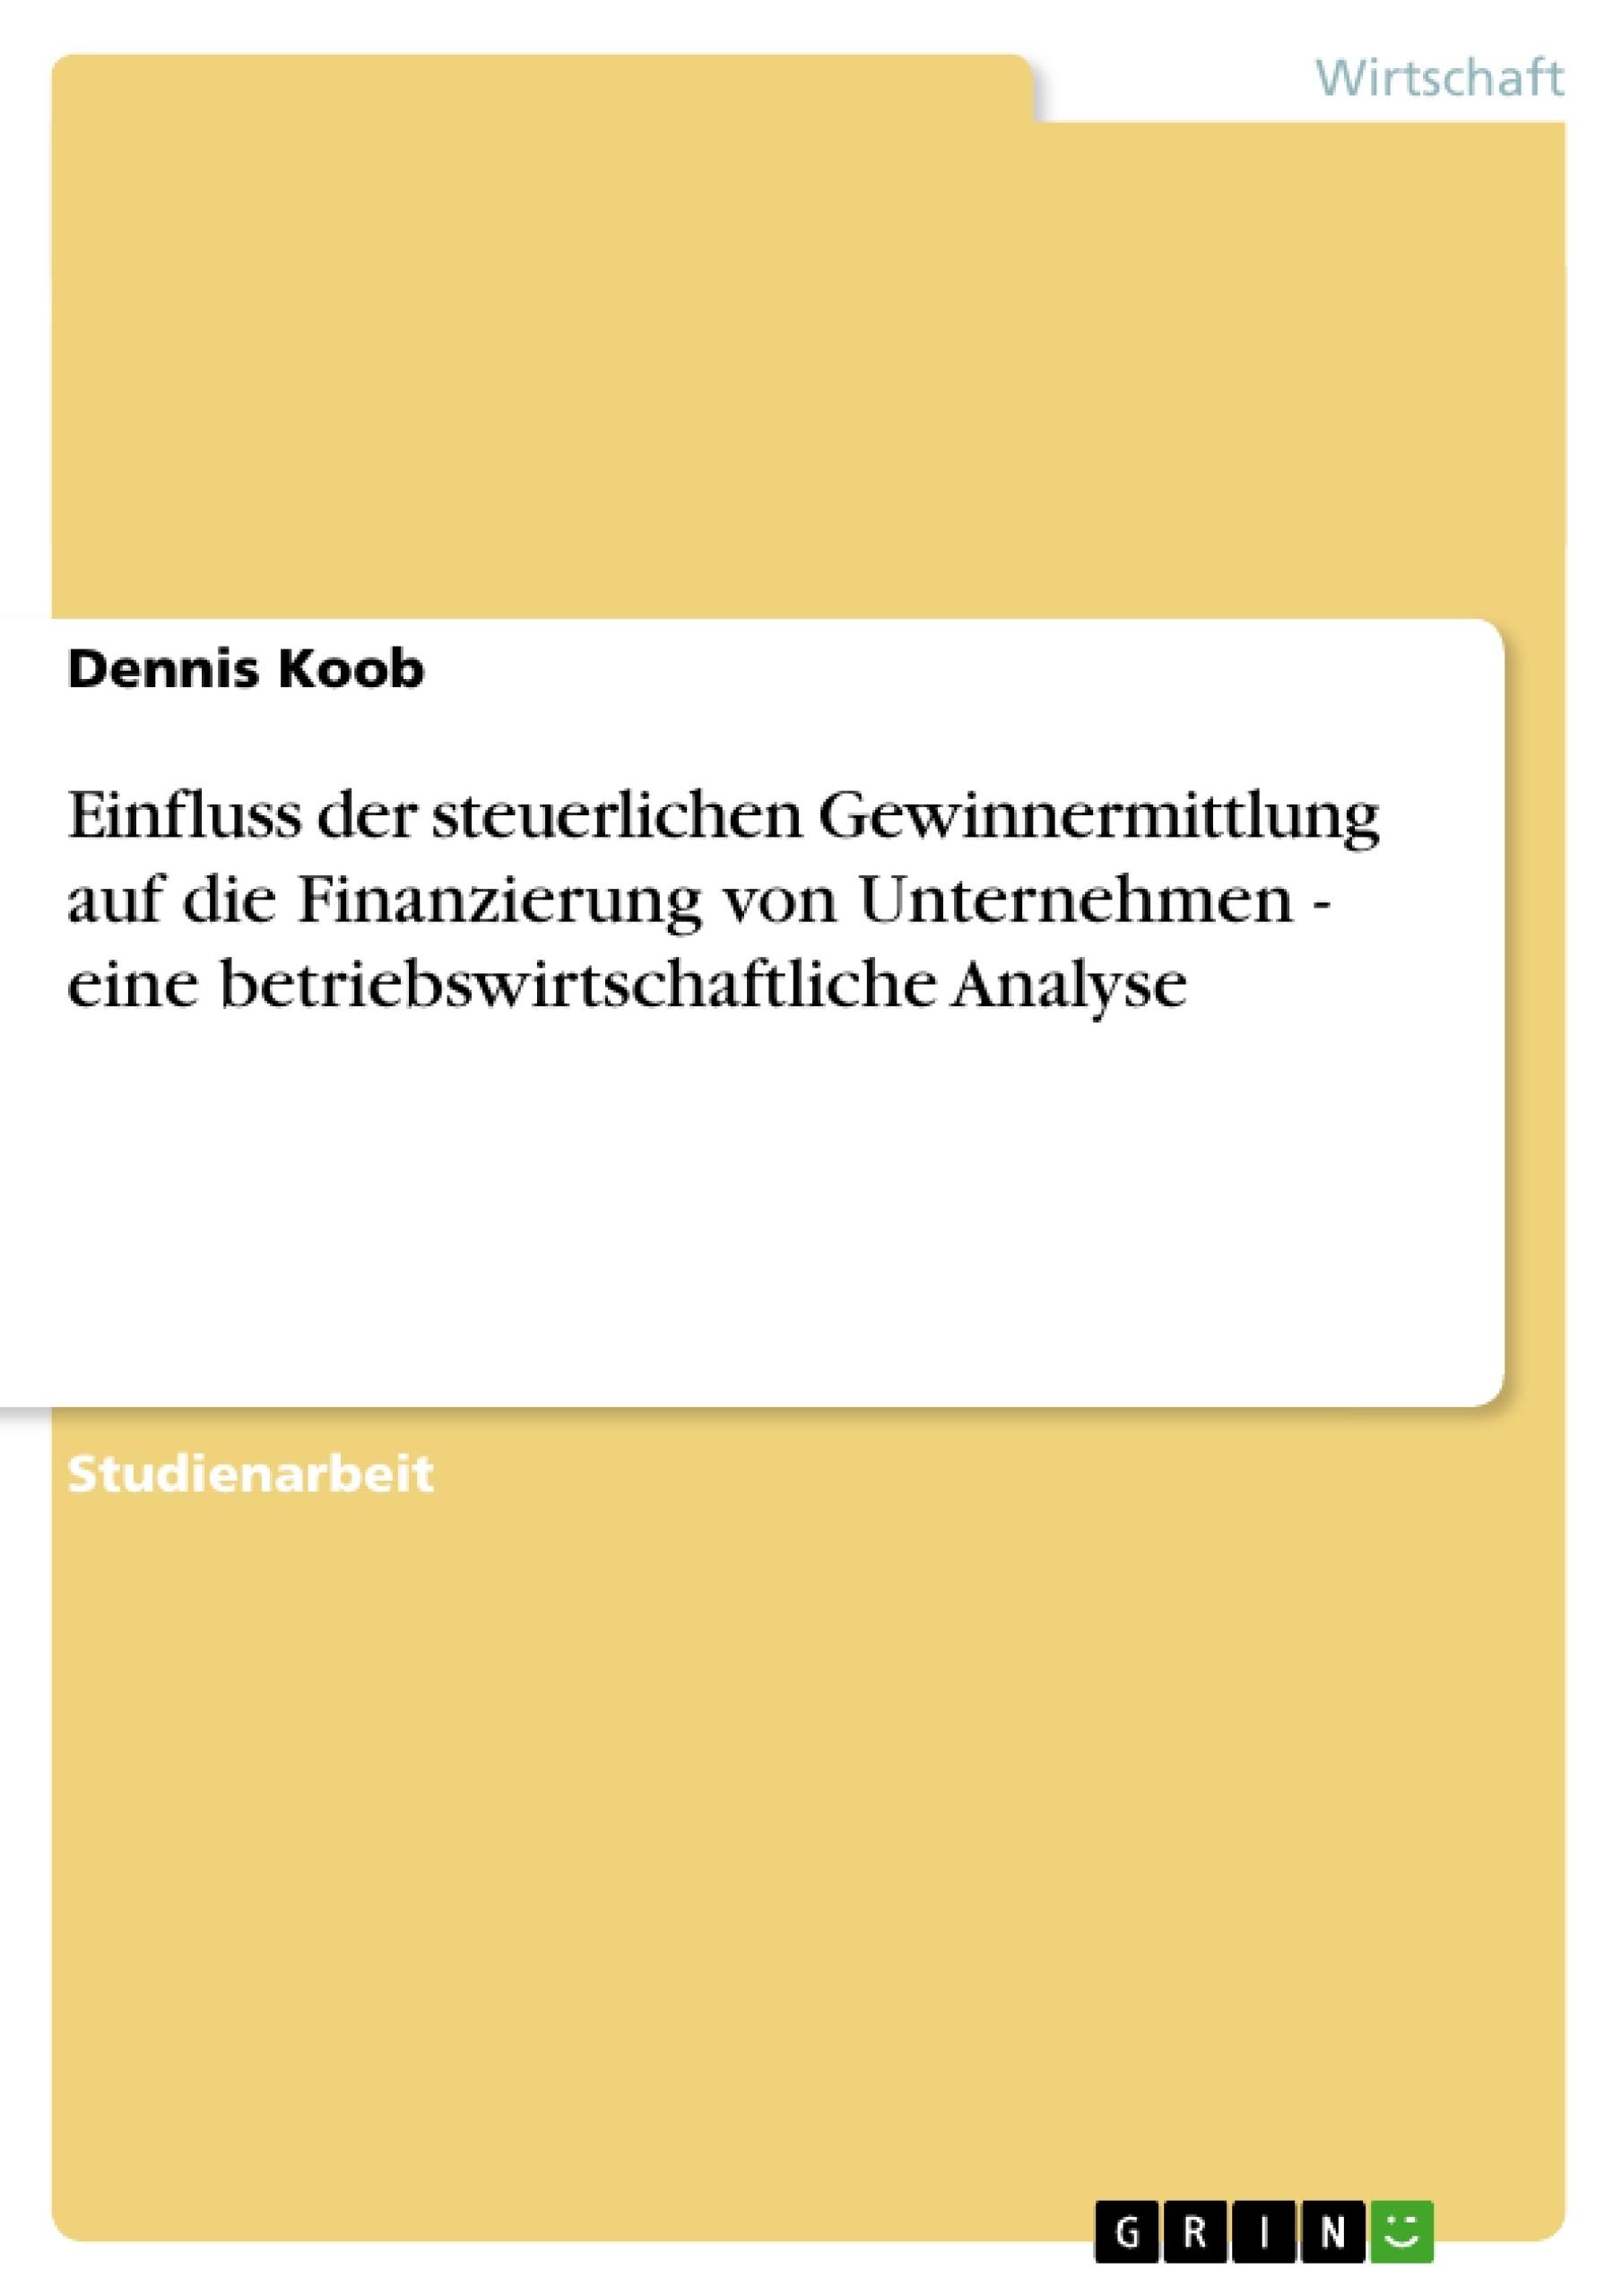 Titel: Einfluss der steuerlichen Gewinnermittlung auf die Finanzierung von Unternehmen - eine betriebswirtschaftliche Analyse